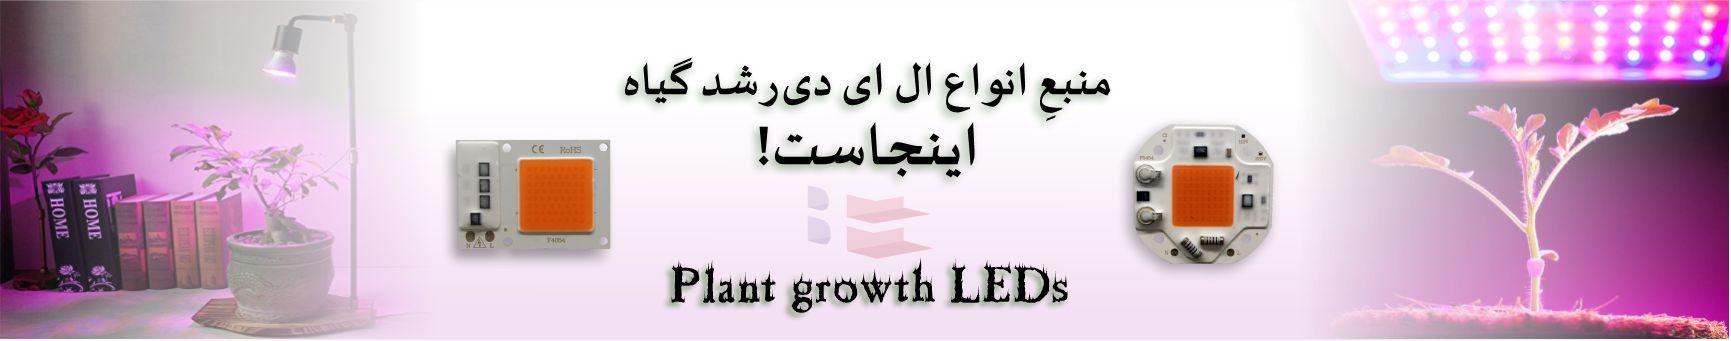 بنر led رشد گیاه - باران الکترونیک